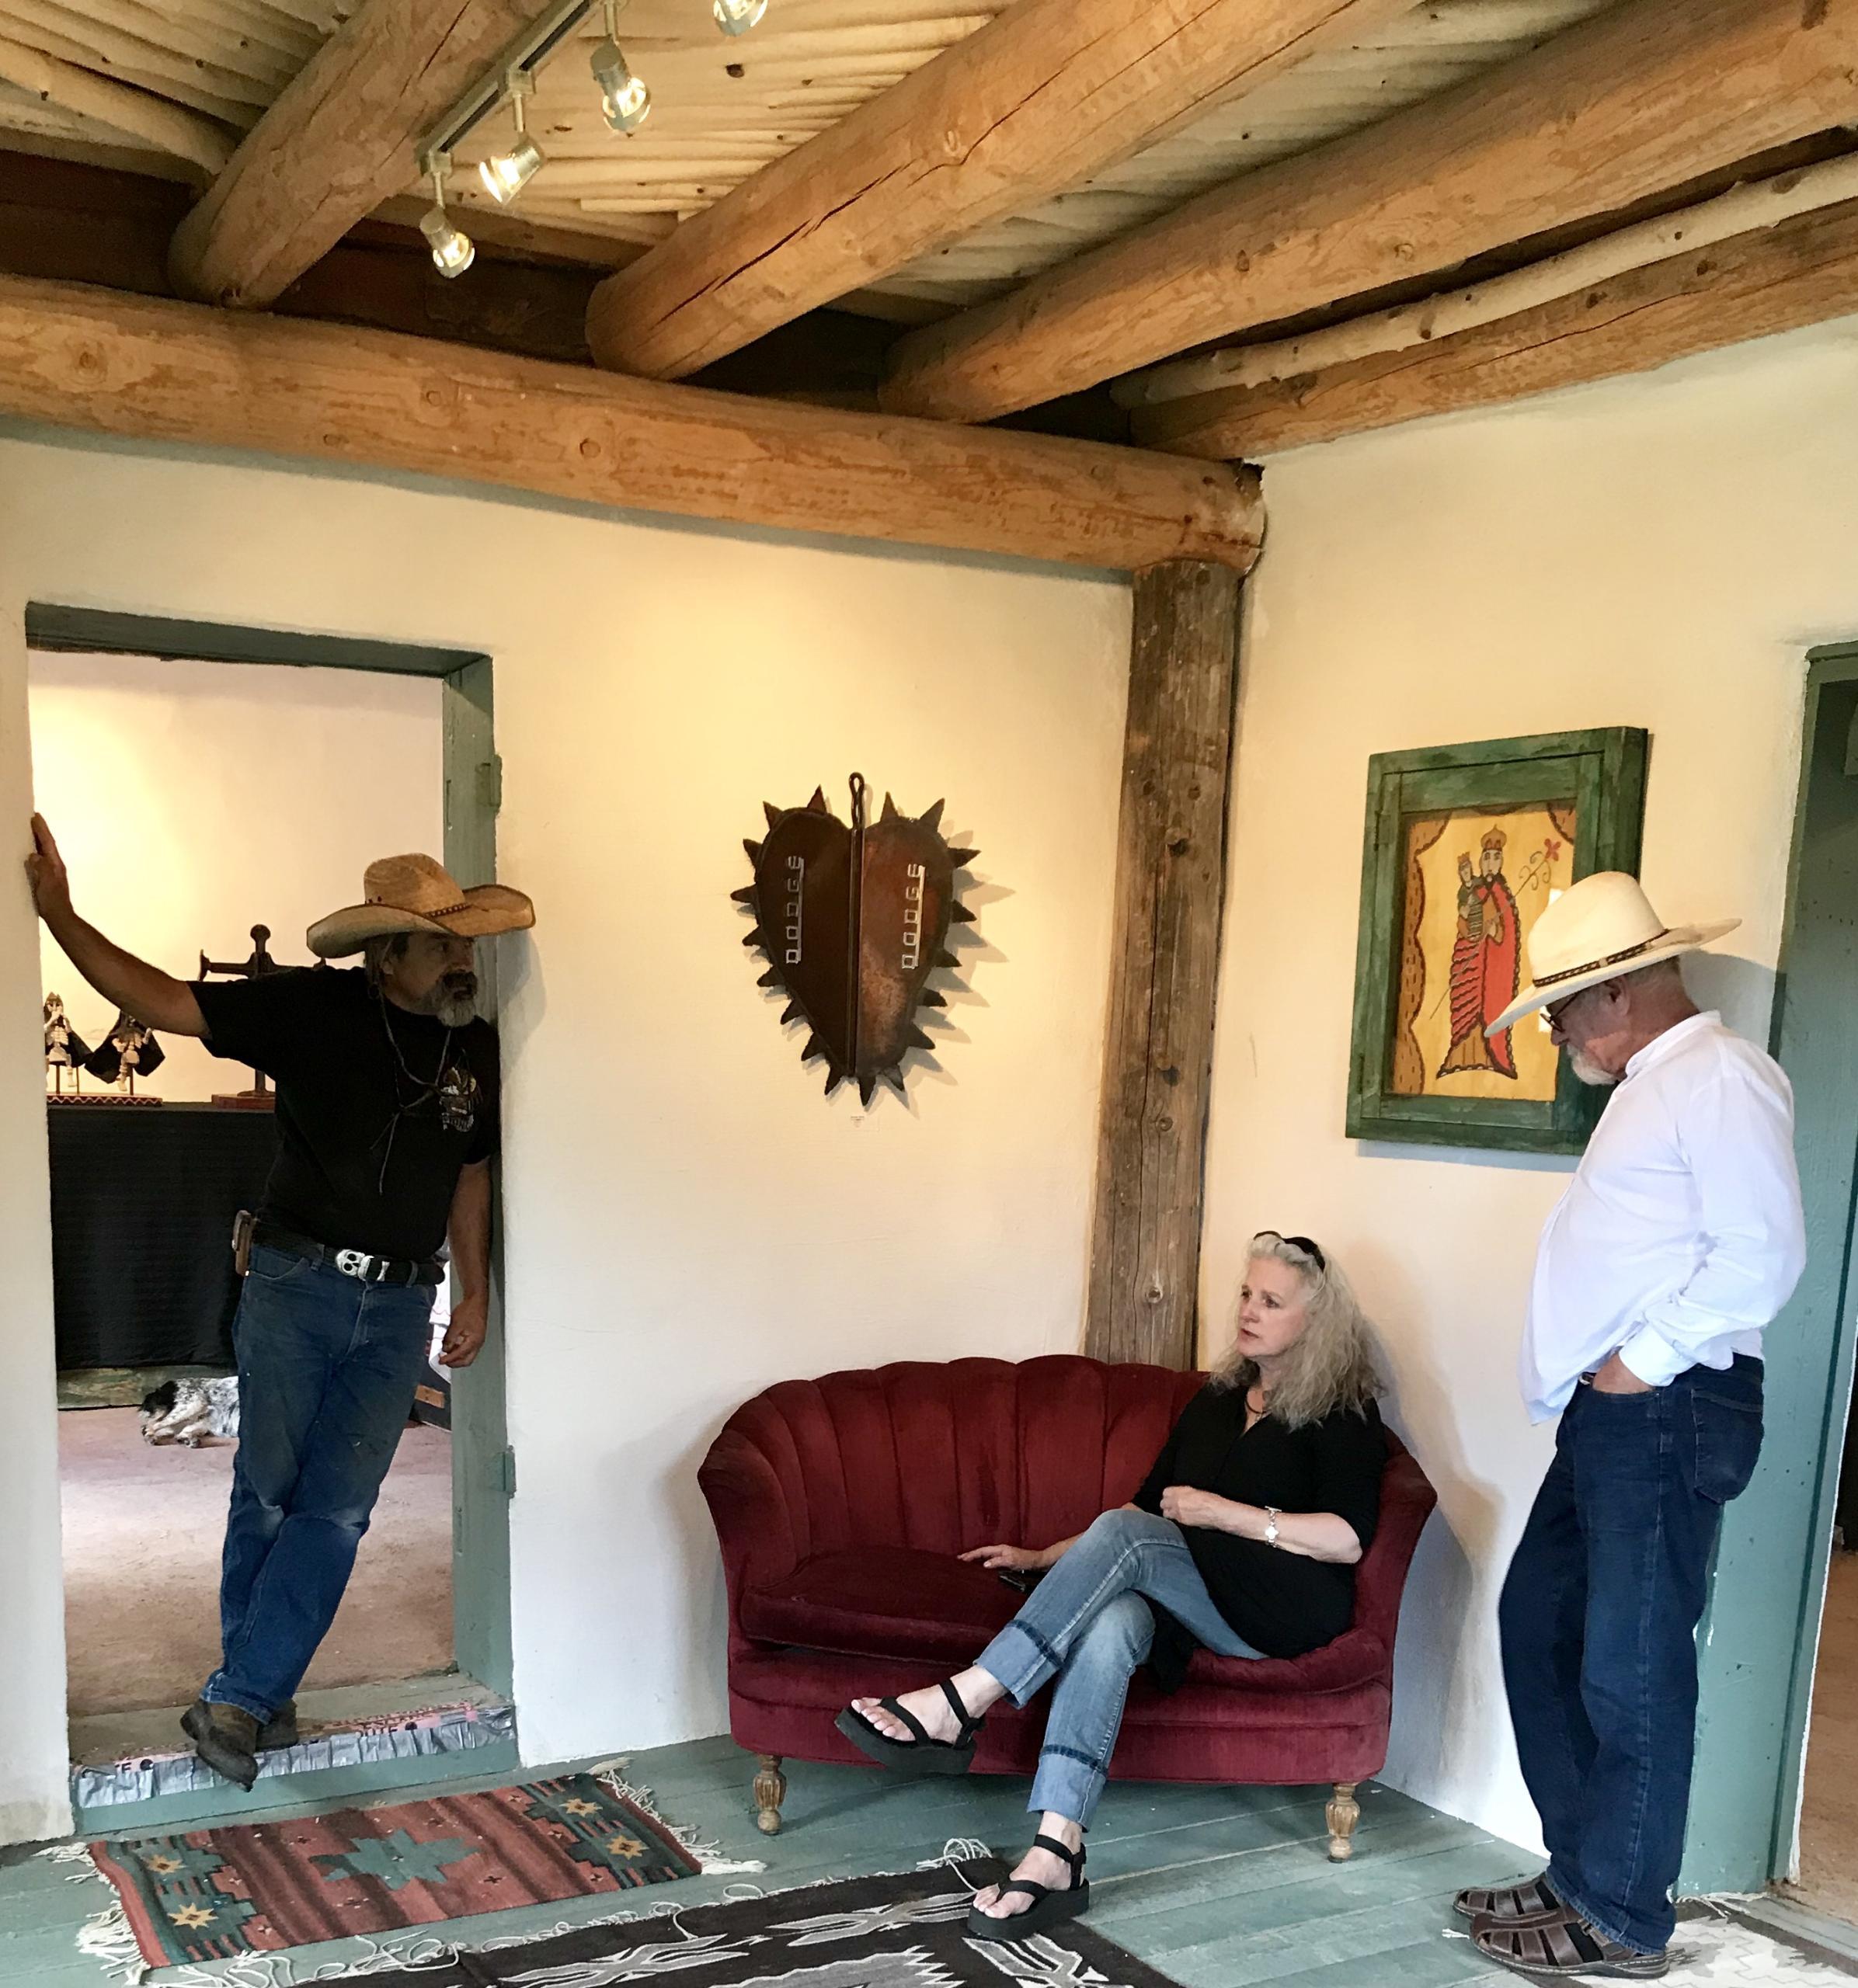 Outsider Art in Interior Design, New Mexico Folk Art in Interior Design, Santeros in Interior Design. New Mexican Santero.